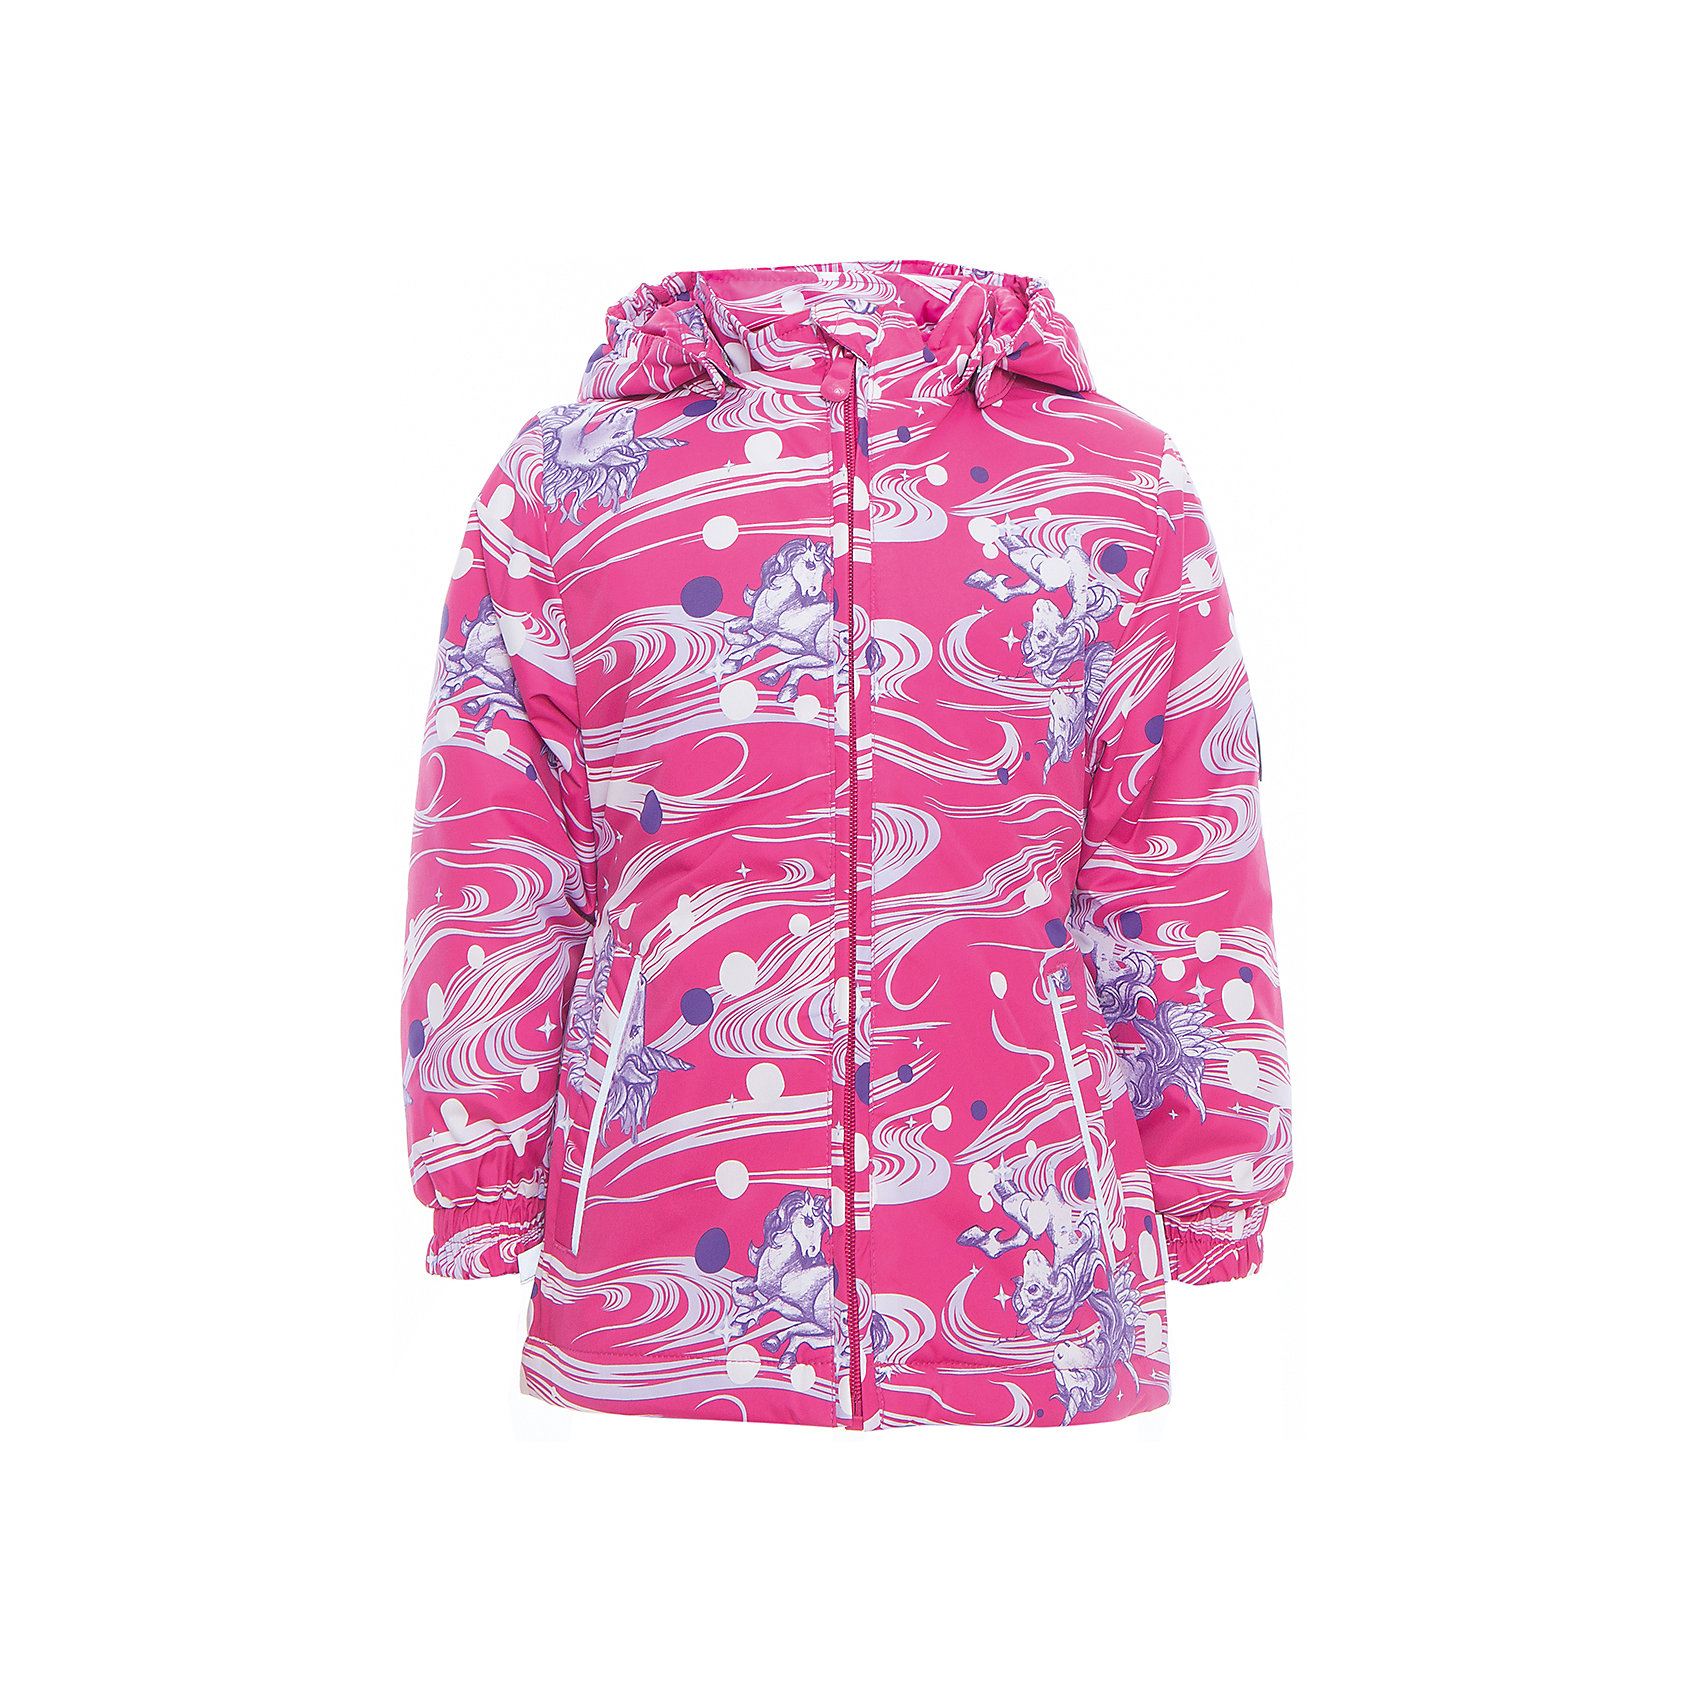 Куртка для девочки JOLY HuppaВерхняя одежда<br>Характеристики товара:<br><br>• цвет: фуксия принт<br>• ткань: 100% полиэстер<br>• подкладка: тафта - 100% полиэстер<br>• утеплитель: 100% полиэстер 100 г<br>• температурный режим: от -5°С до +10°С<br>• водонепроницаемость: 5000 мм<br>• воздухопроницаемость: 5000 мм<br>• светоотражающие детали<br>• эластичные манжеты<br>• молния<br>• съёмный капюшон с резинкой<br>• карманы<br>• комфортная посадка<br>• коллекция: весна-лето 2017<br>• страна бренда: Эстония<br><br>Такая легкая и стильная куртка обеспечит детям тепло и комфорт. Она сделана из материала, отталкивающего воду, и дополнено подкладкой с утеплителем, поэтому изделие идеально подходит для межсезонья. Материал изделия - с мембранной технологией: защищая от влаги и ветра, он легко выводит лишнюю влагу наружу. Для удобства сделан капюшон. Куртка очень симпатично смотрится, яркая расцветка и крой добавляют ему оригинальности. Модель была разработана специально для детей.<br><br>Одежда и обувь от популярного эстонского бренда Huppa - отличный вариант одеть ребенка можно и комфортно. Вещи, выпускаемые компанией, качественные, продуманные и очень удобные. Для производства изделий используются только безопасные для детей материалы. Продукция от Huppa порадует и детей, и их родителей!<br><br>Куртку для девочки JOLY от бренда Huppa (Хуппа) можно купить в нашем интернет-магазине.<br><br>Ширина мм: 356<br>Глубина мм: 10<br>Высота мм: 245<br>Вес г: 519<br>Цвет: фиолетовый<br>Возраст от месяцев: 96<br>Возраст до месяцев: 108<br>Пол: Женский<br>Возраст: Детский<br>Размер: 134,110,92,98,104,116,122,128<br>SKU: 5346820